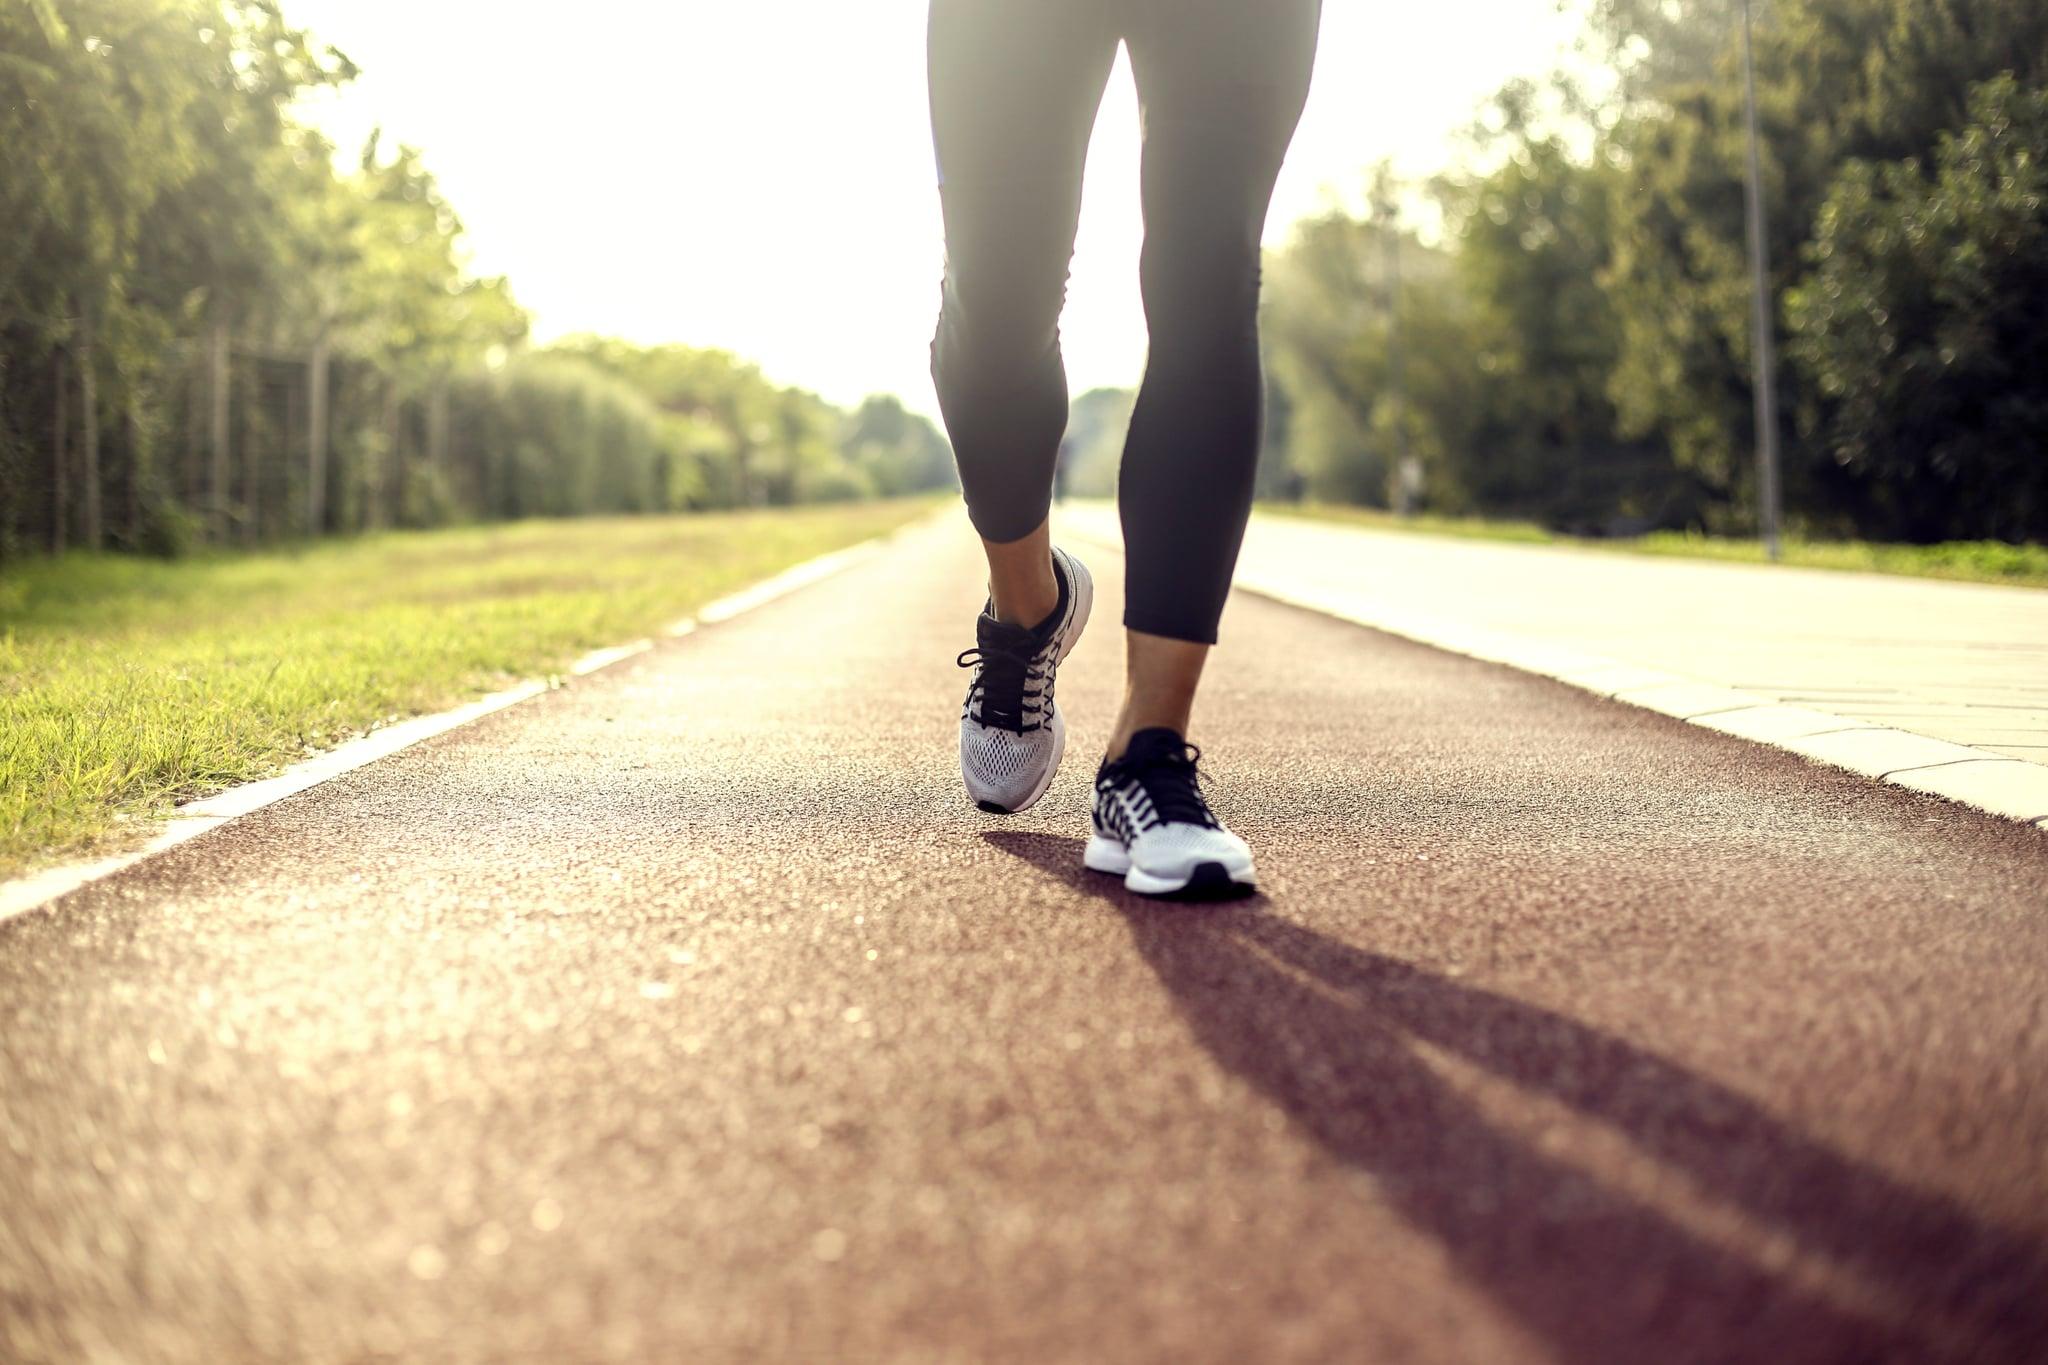 giảm mỡ bụng bằng chạy bộ